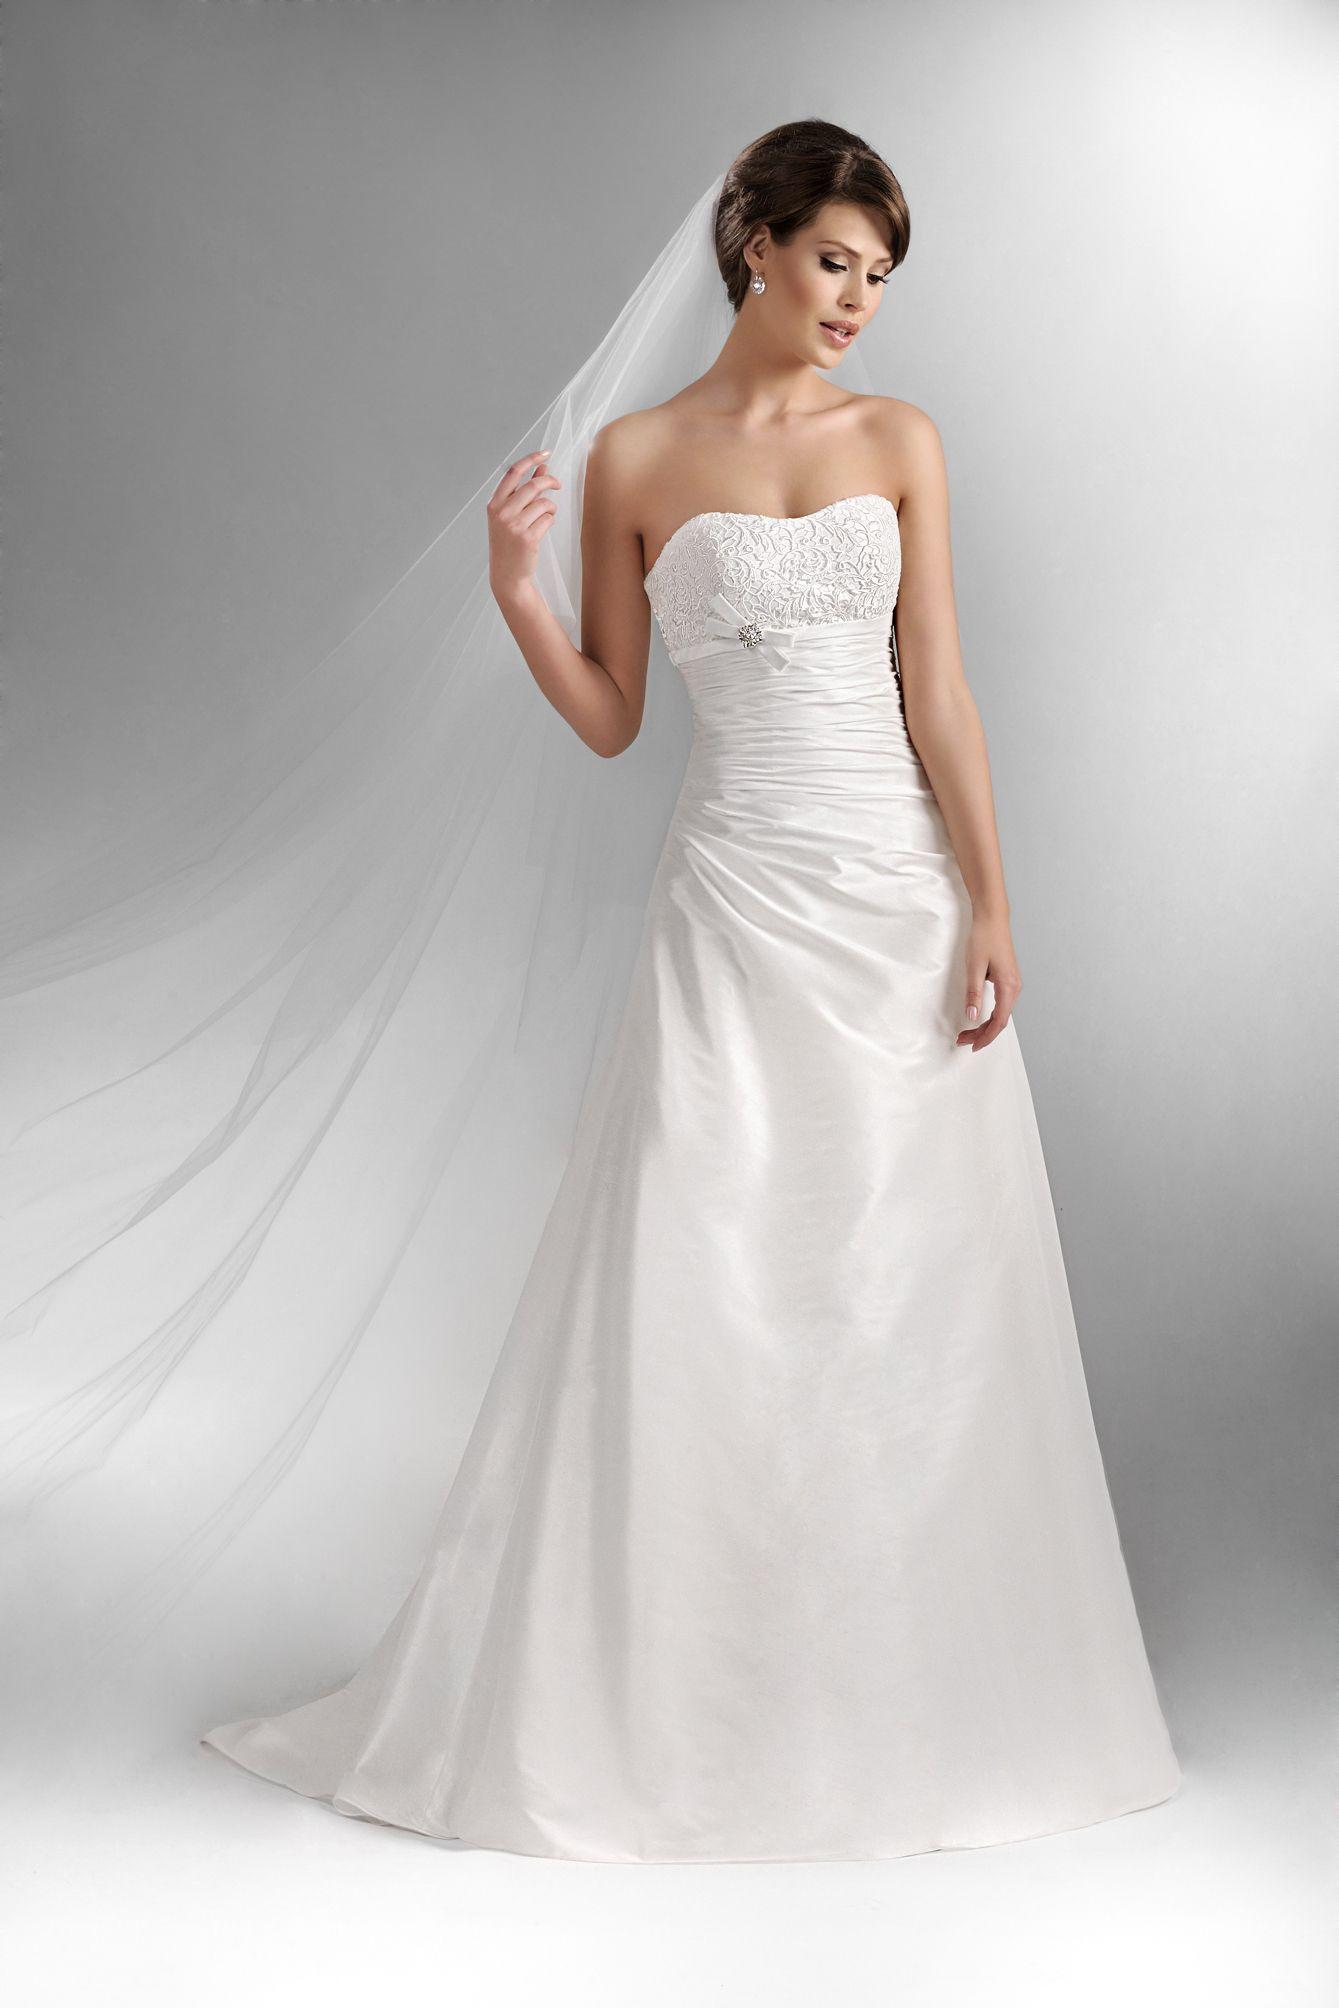 brautkleider von agnes bridal bei uns erh ltlich hochzeitskleider pinterest pol. Black Bedroom Furniture Sets. Home Design Ideas